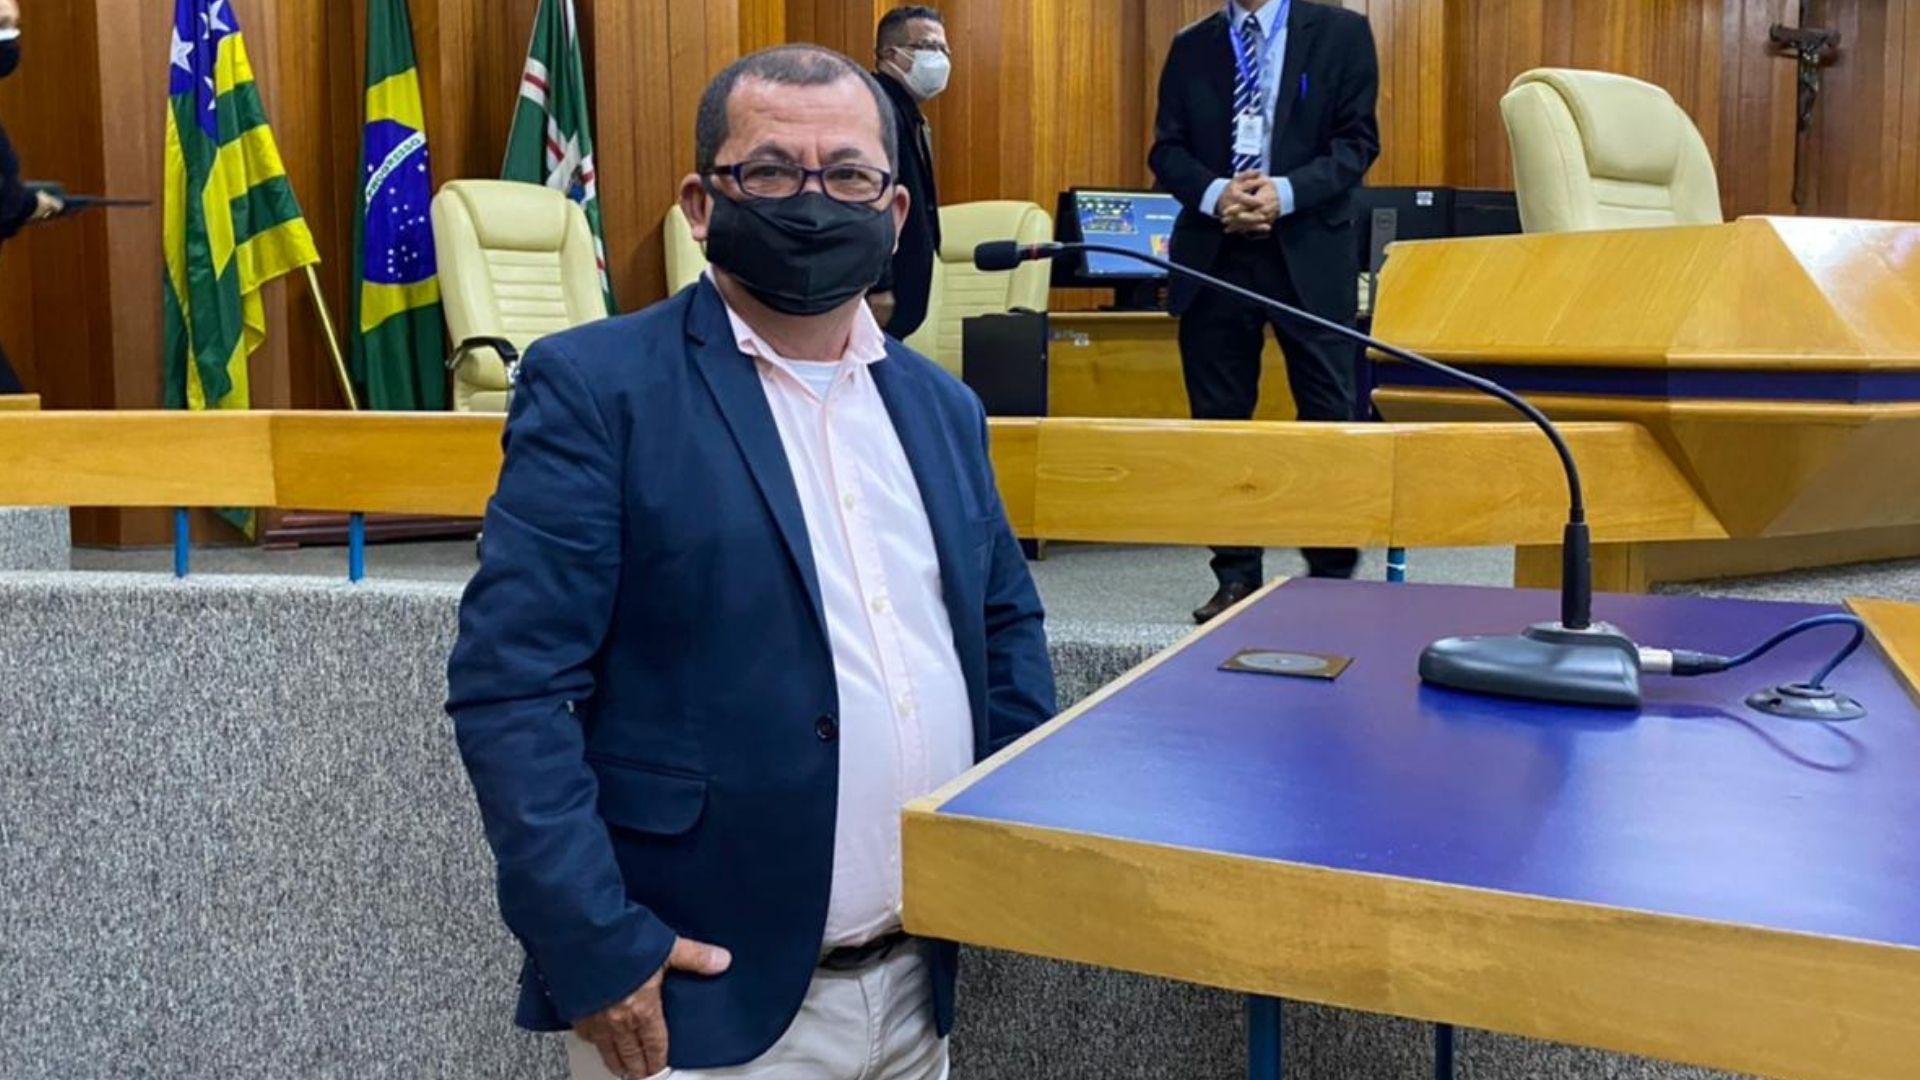 Suplente Jaiminho Monteiro toma posse como vereador por Goiânia